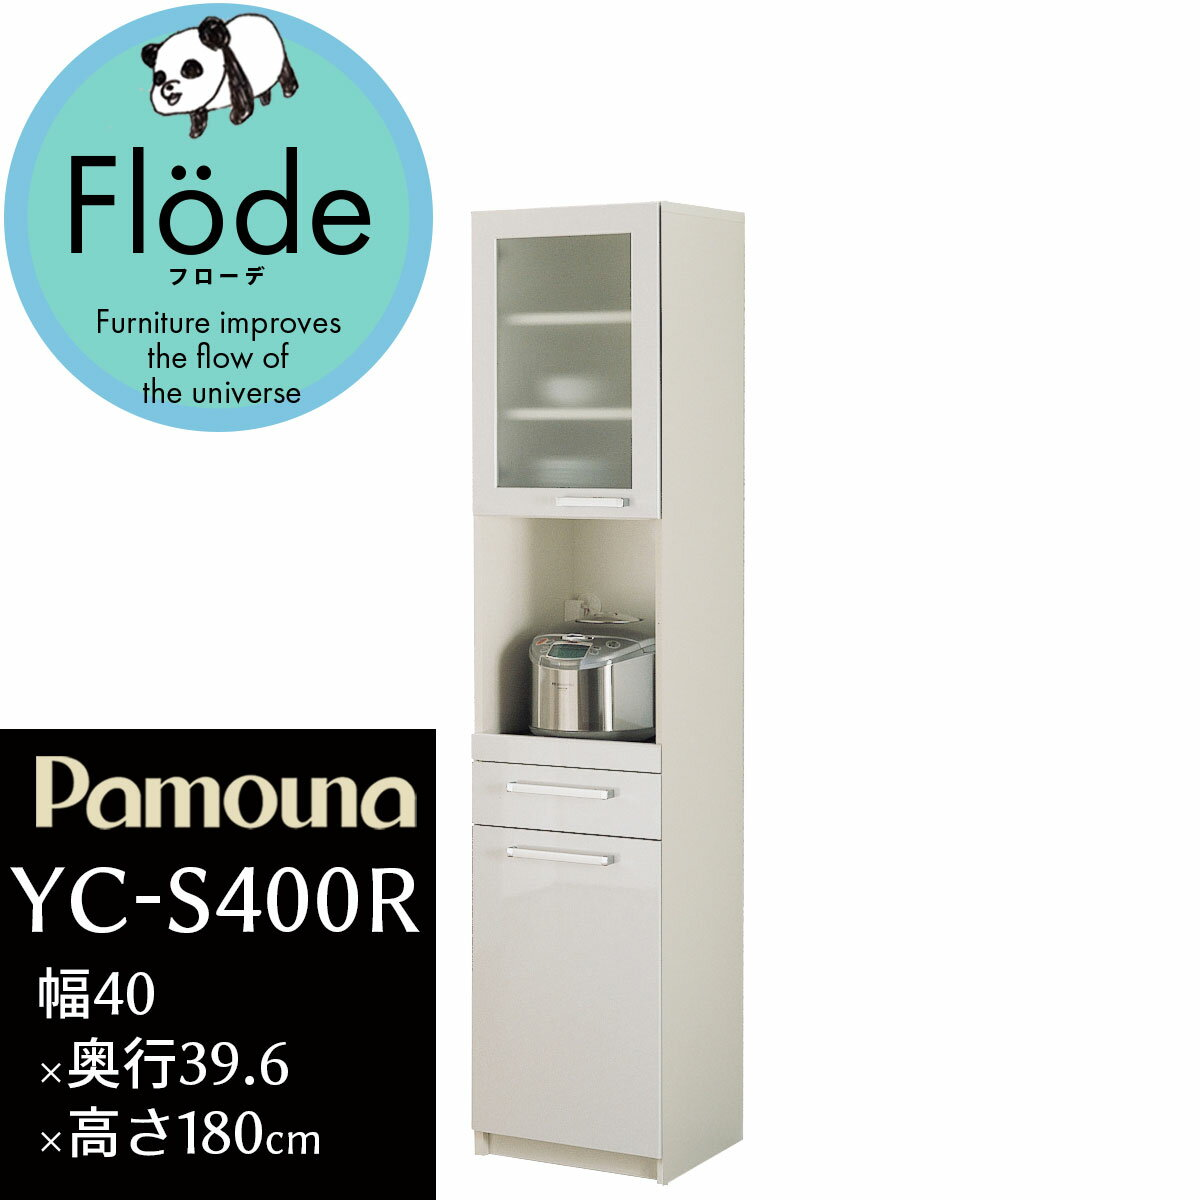 パモウナ YC 食器棚 キッチンボード YC-S400R 幅40.4×高さ180cm 完成品 日本製